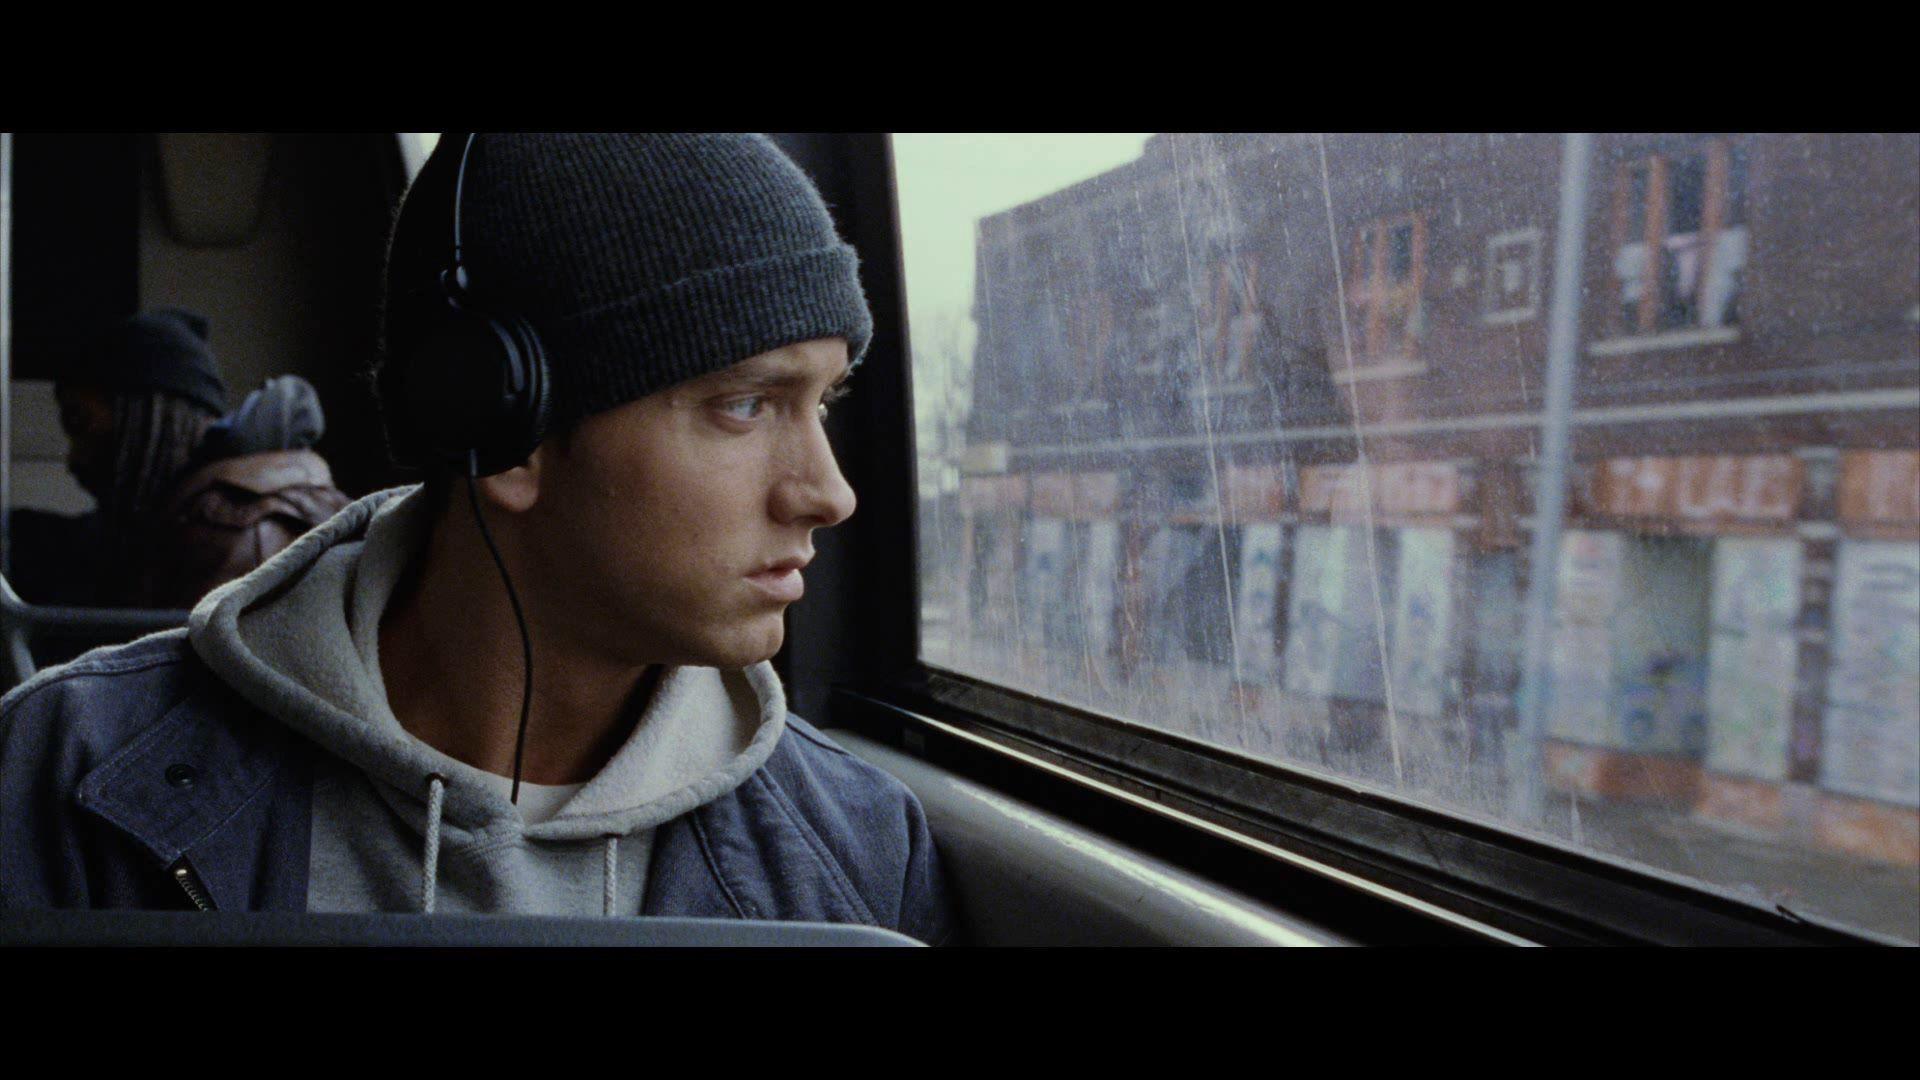 eminem 8 mile full movie free online